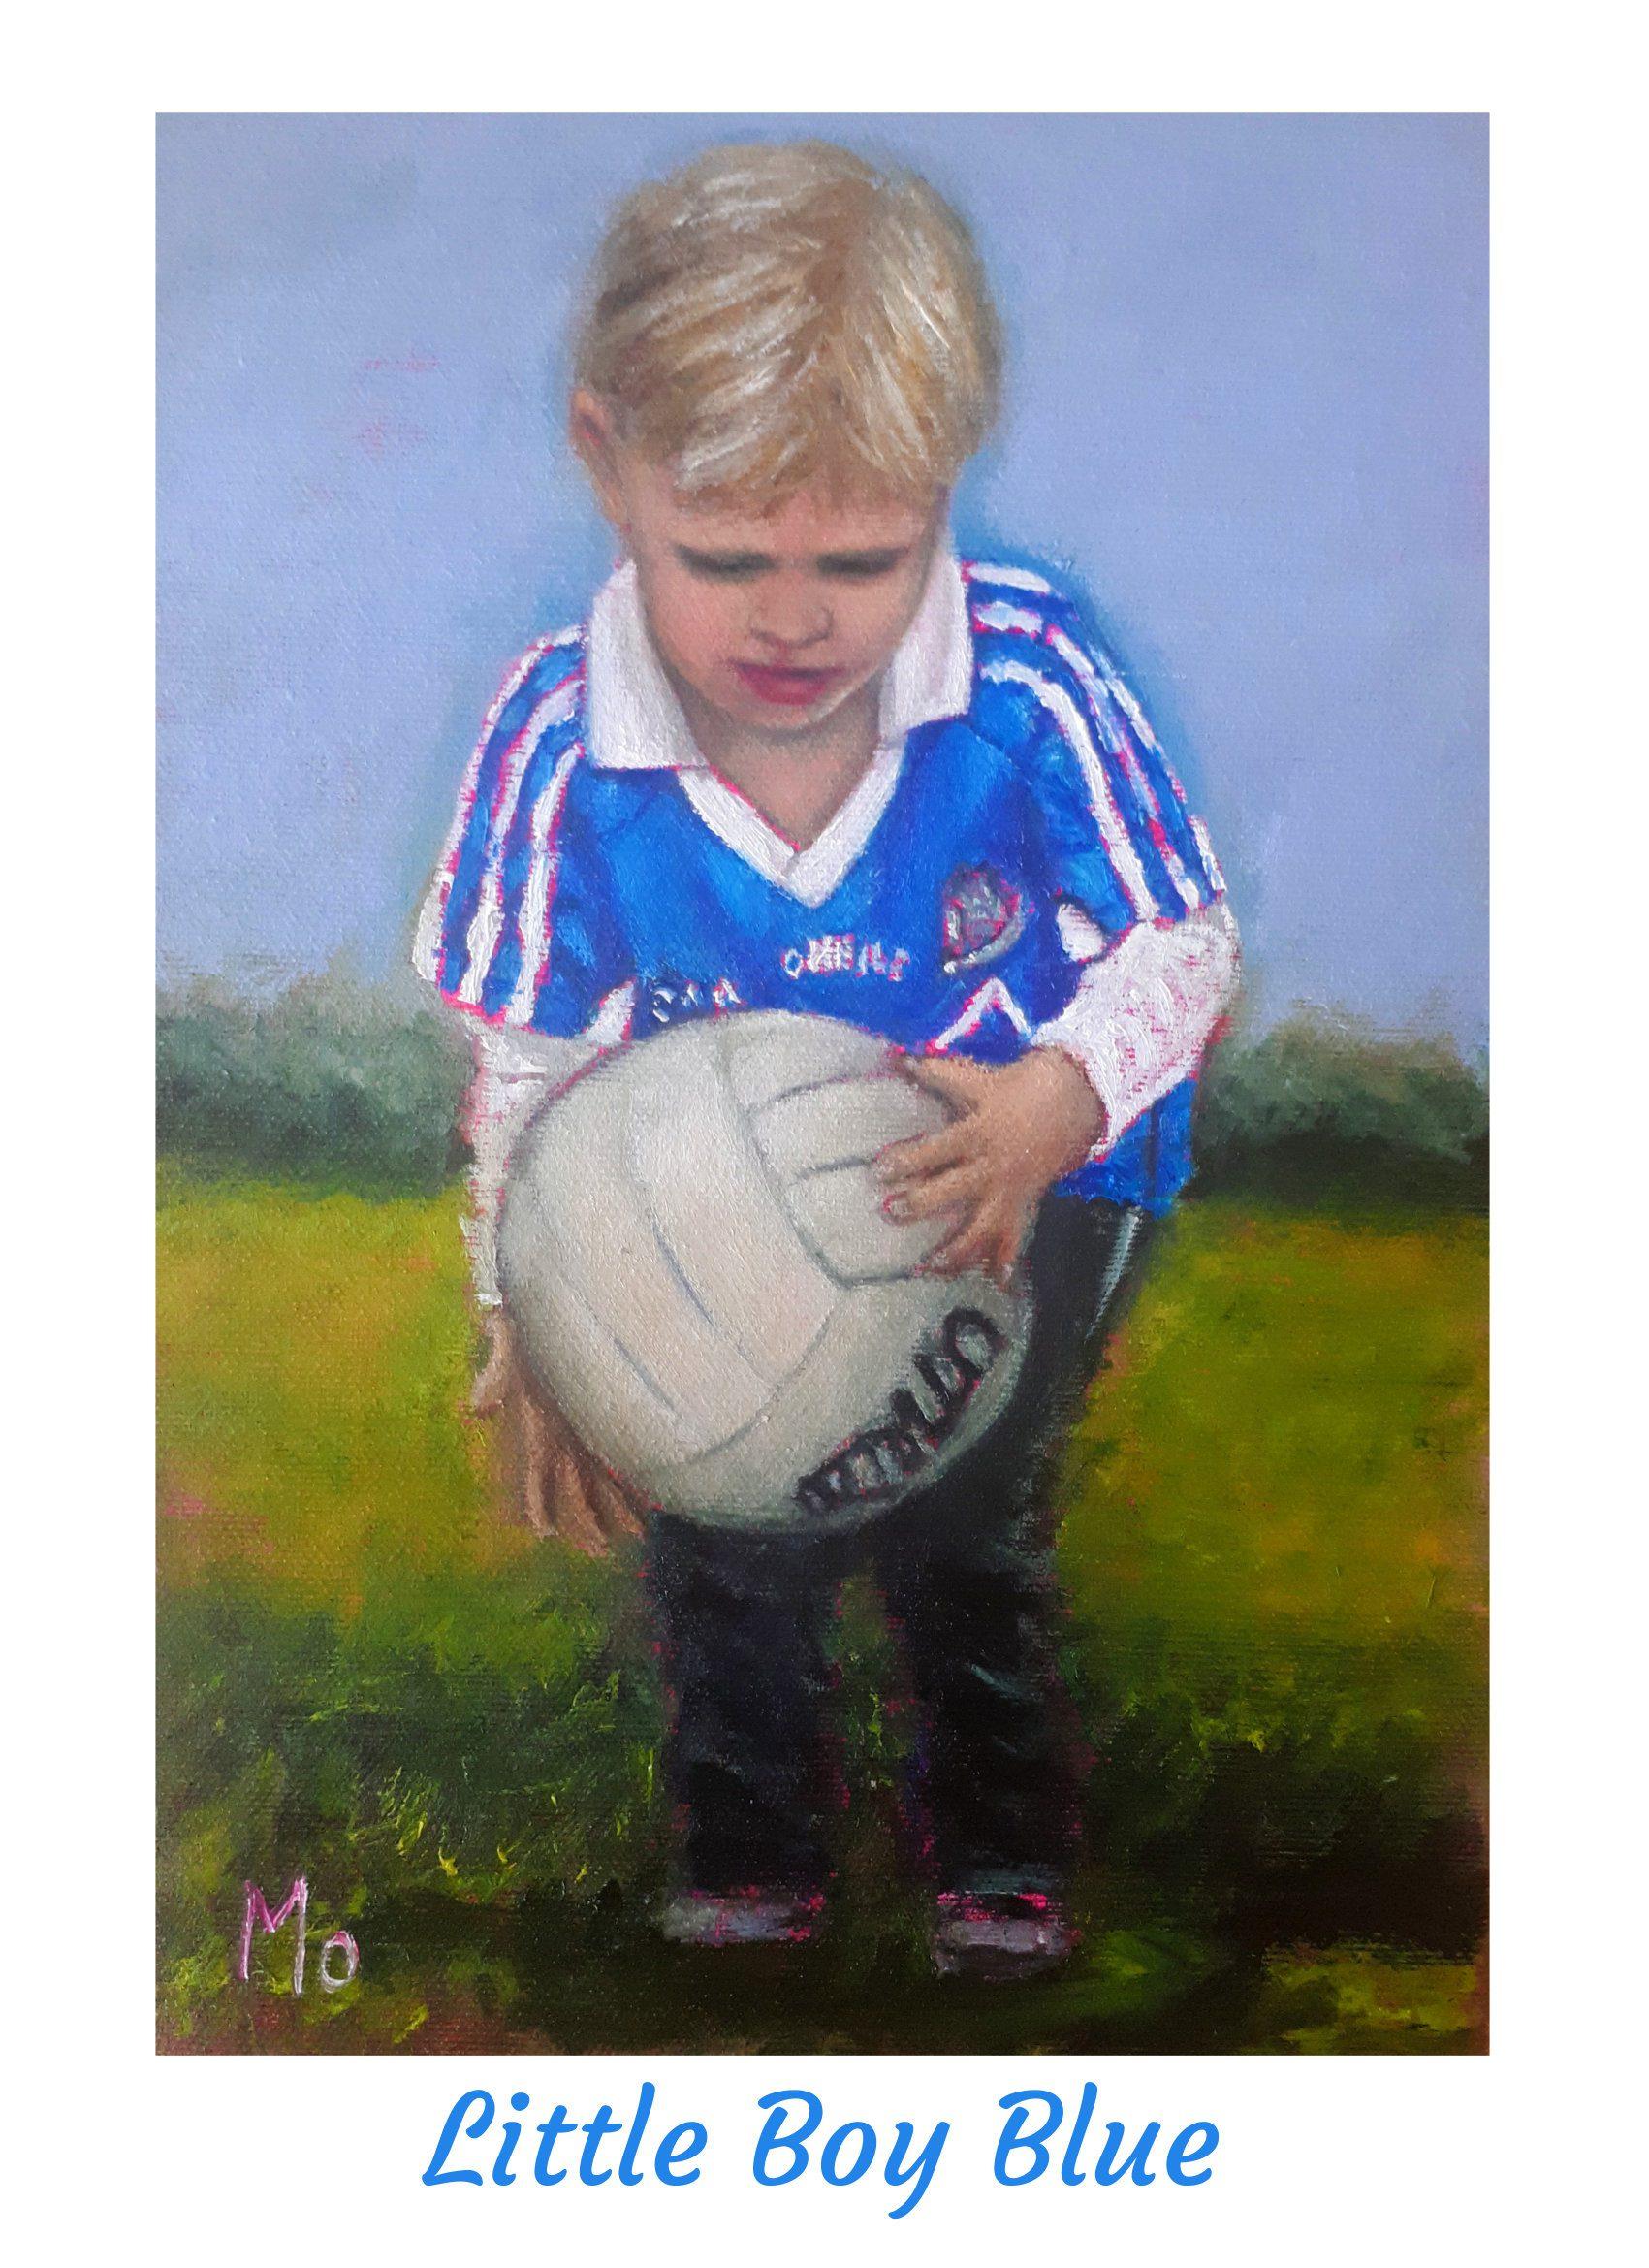 Boy in Dublin GAA jersey holding a football